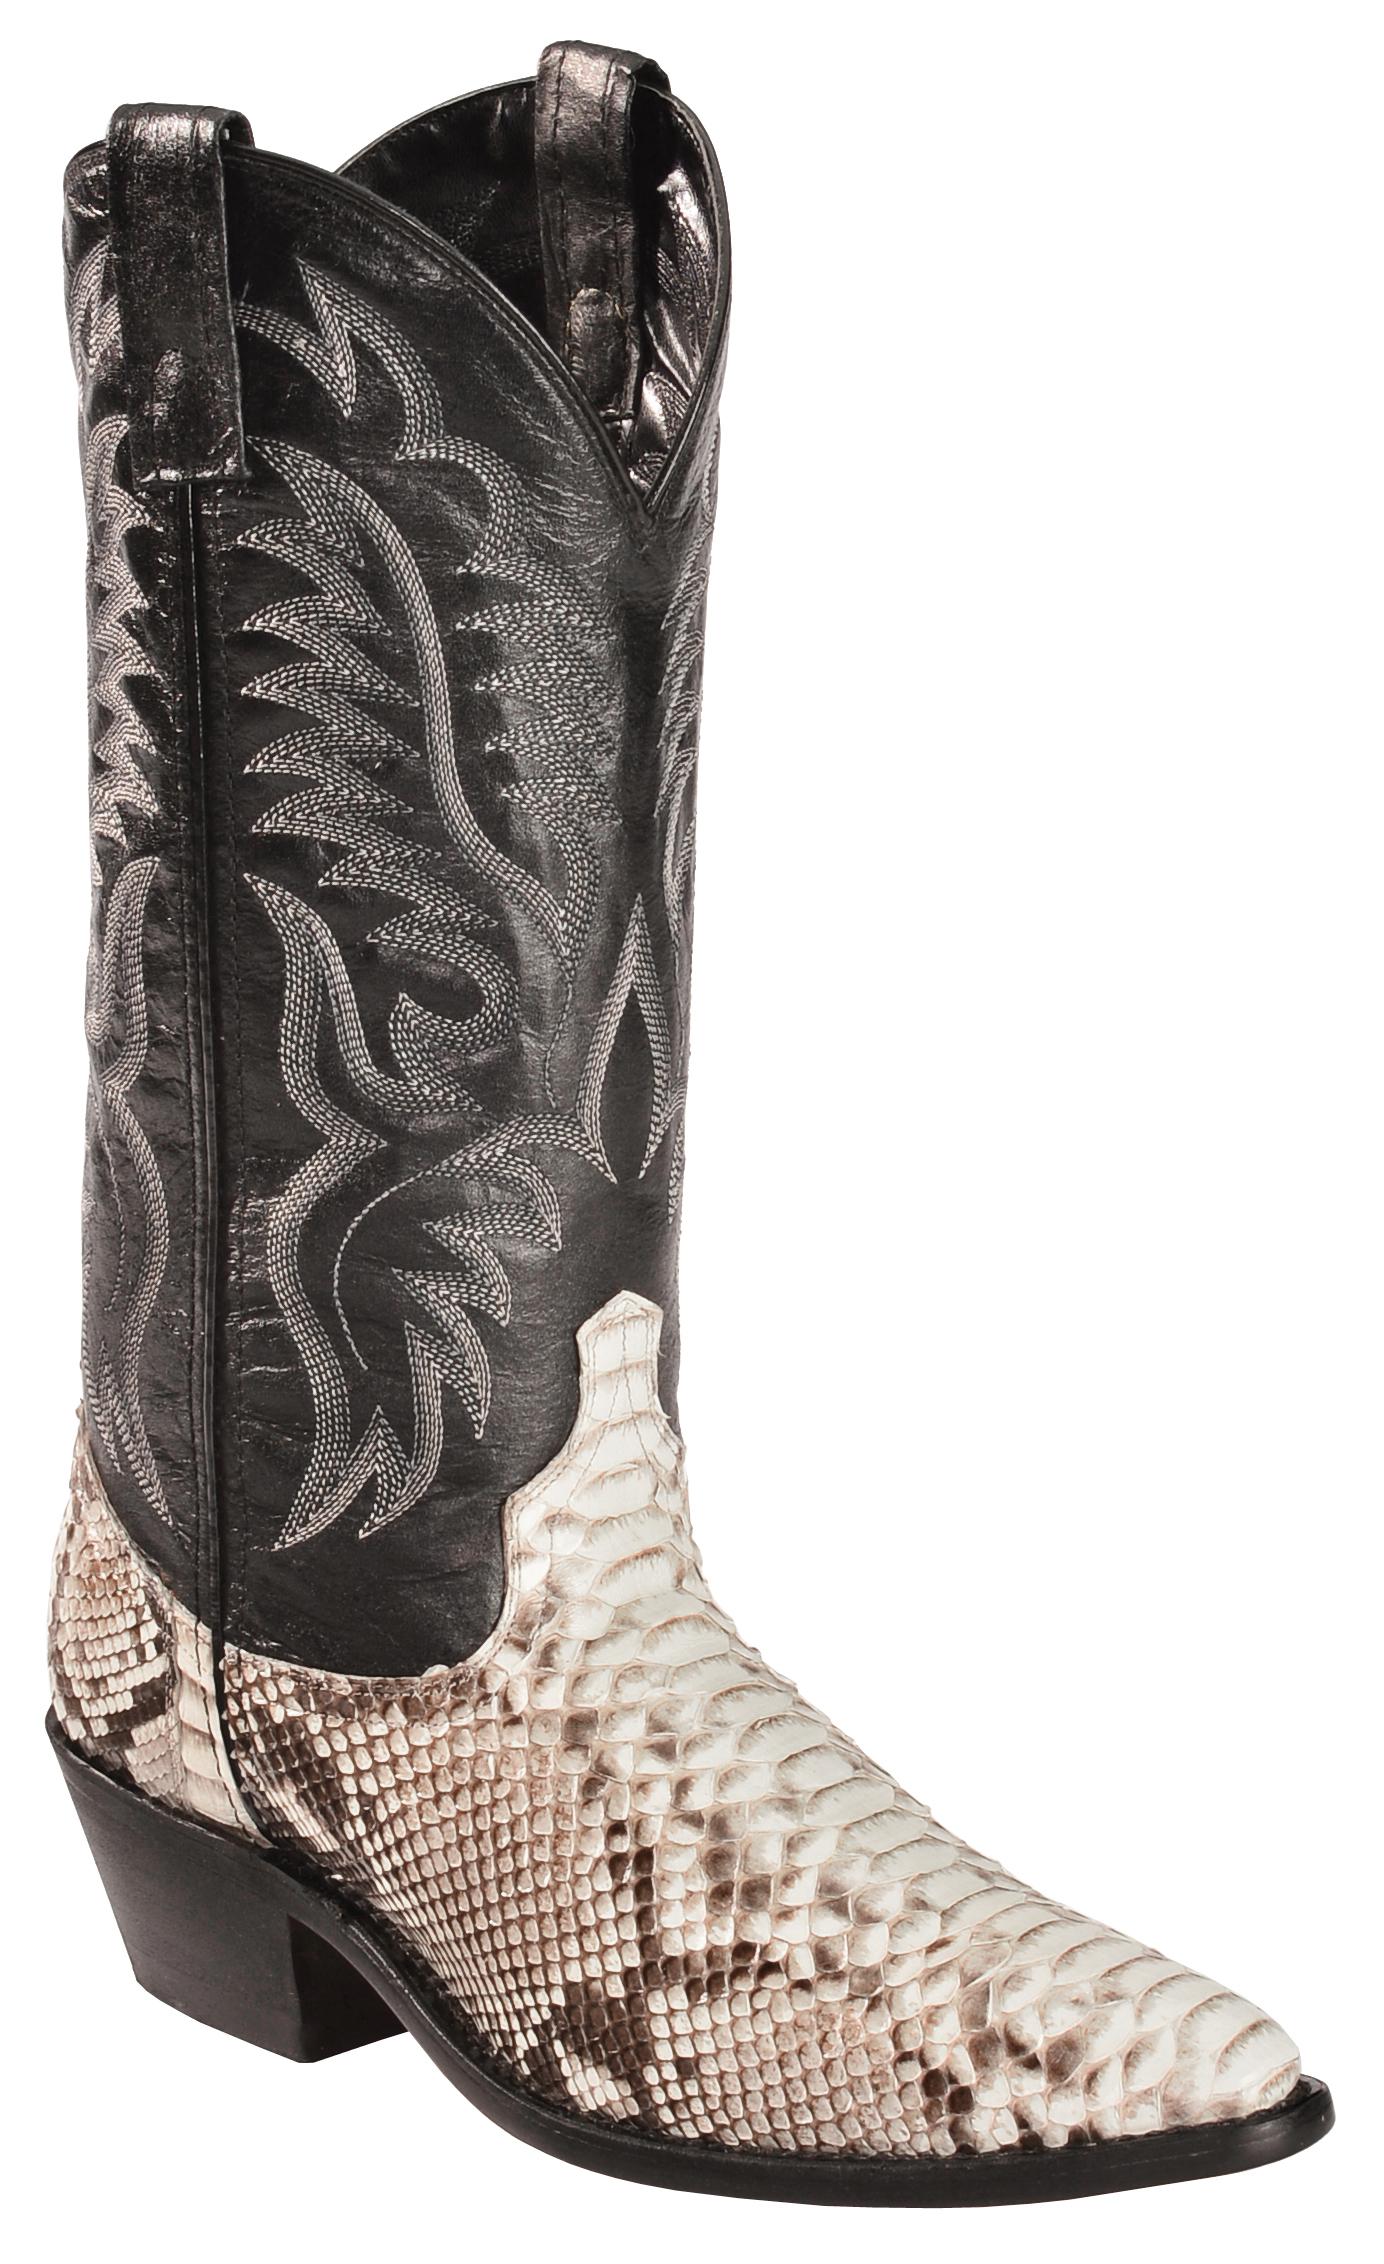 Laredo Key West Python Cowboy Boots Medium Toe Country